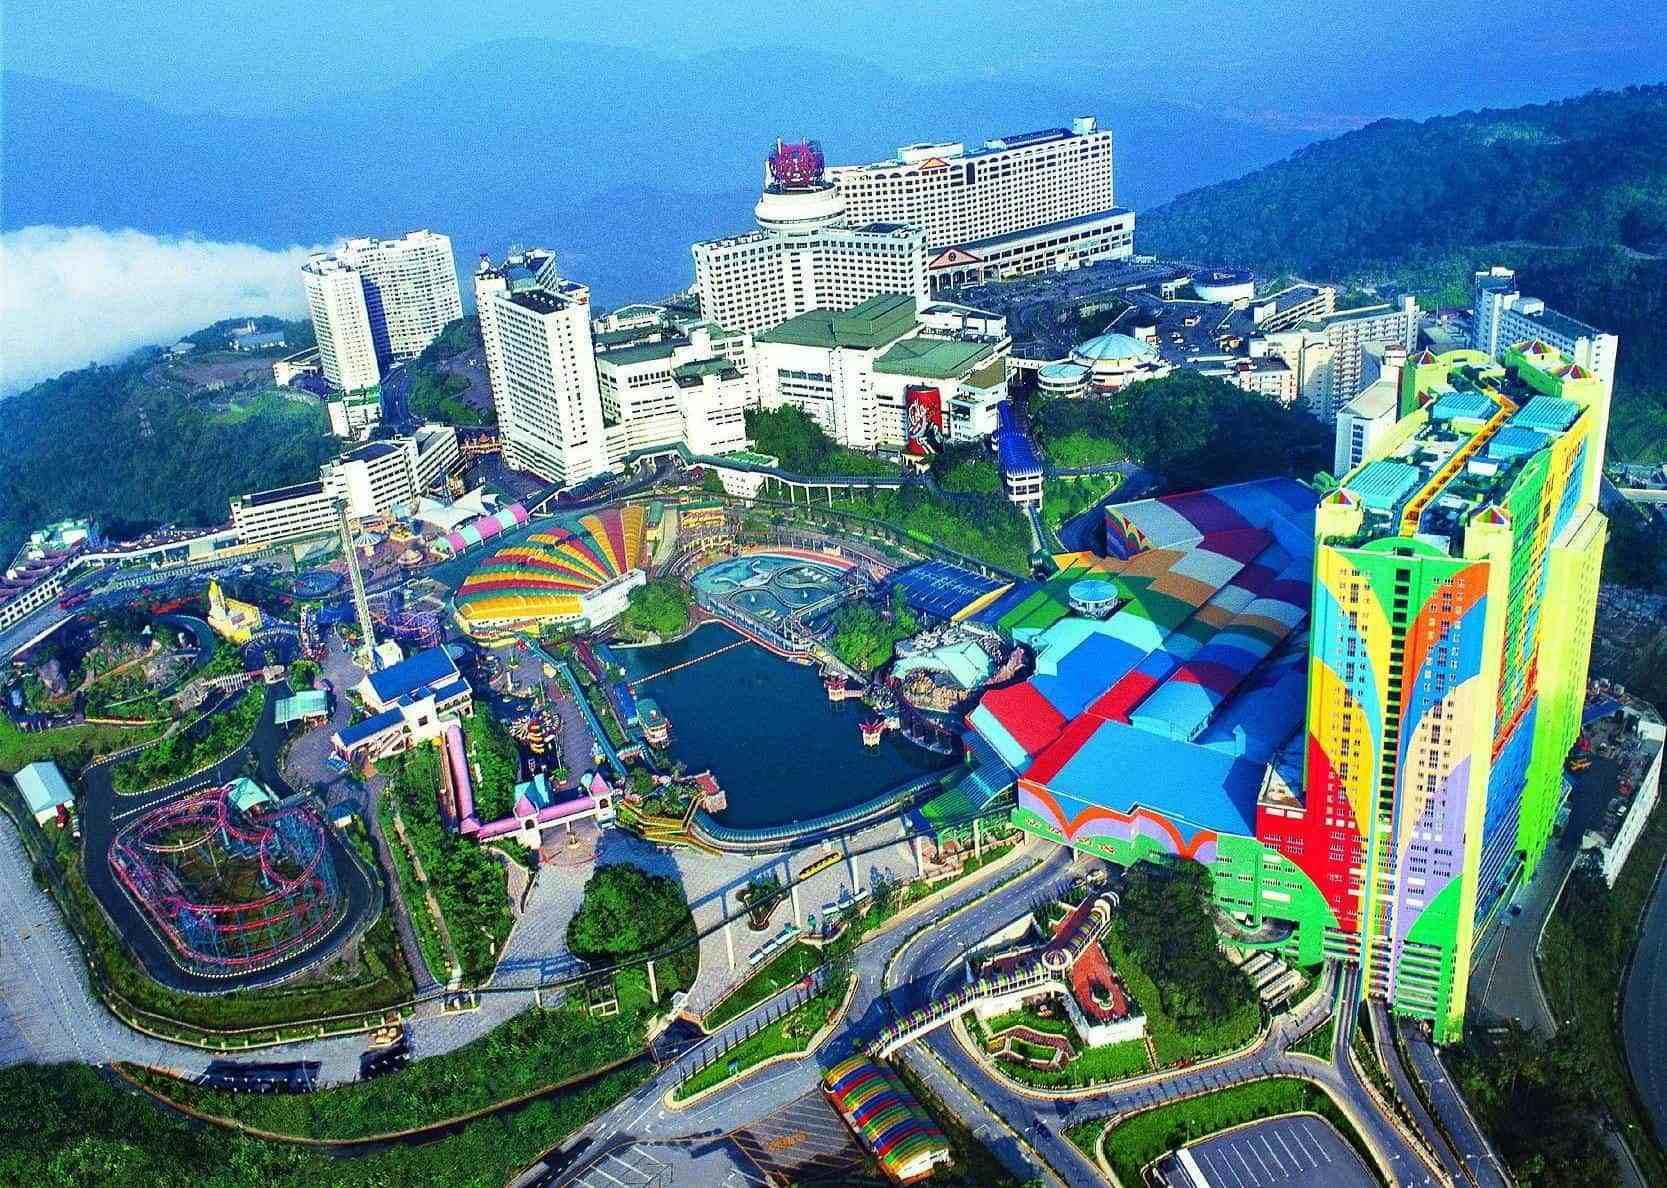 世界最大的酒店竟有7000多间房,这里还有马来西亚唯一合法的赌场